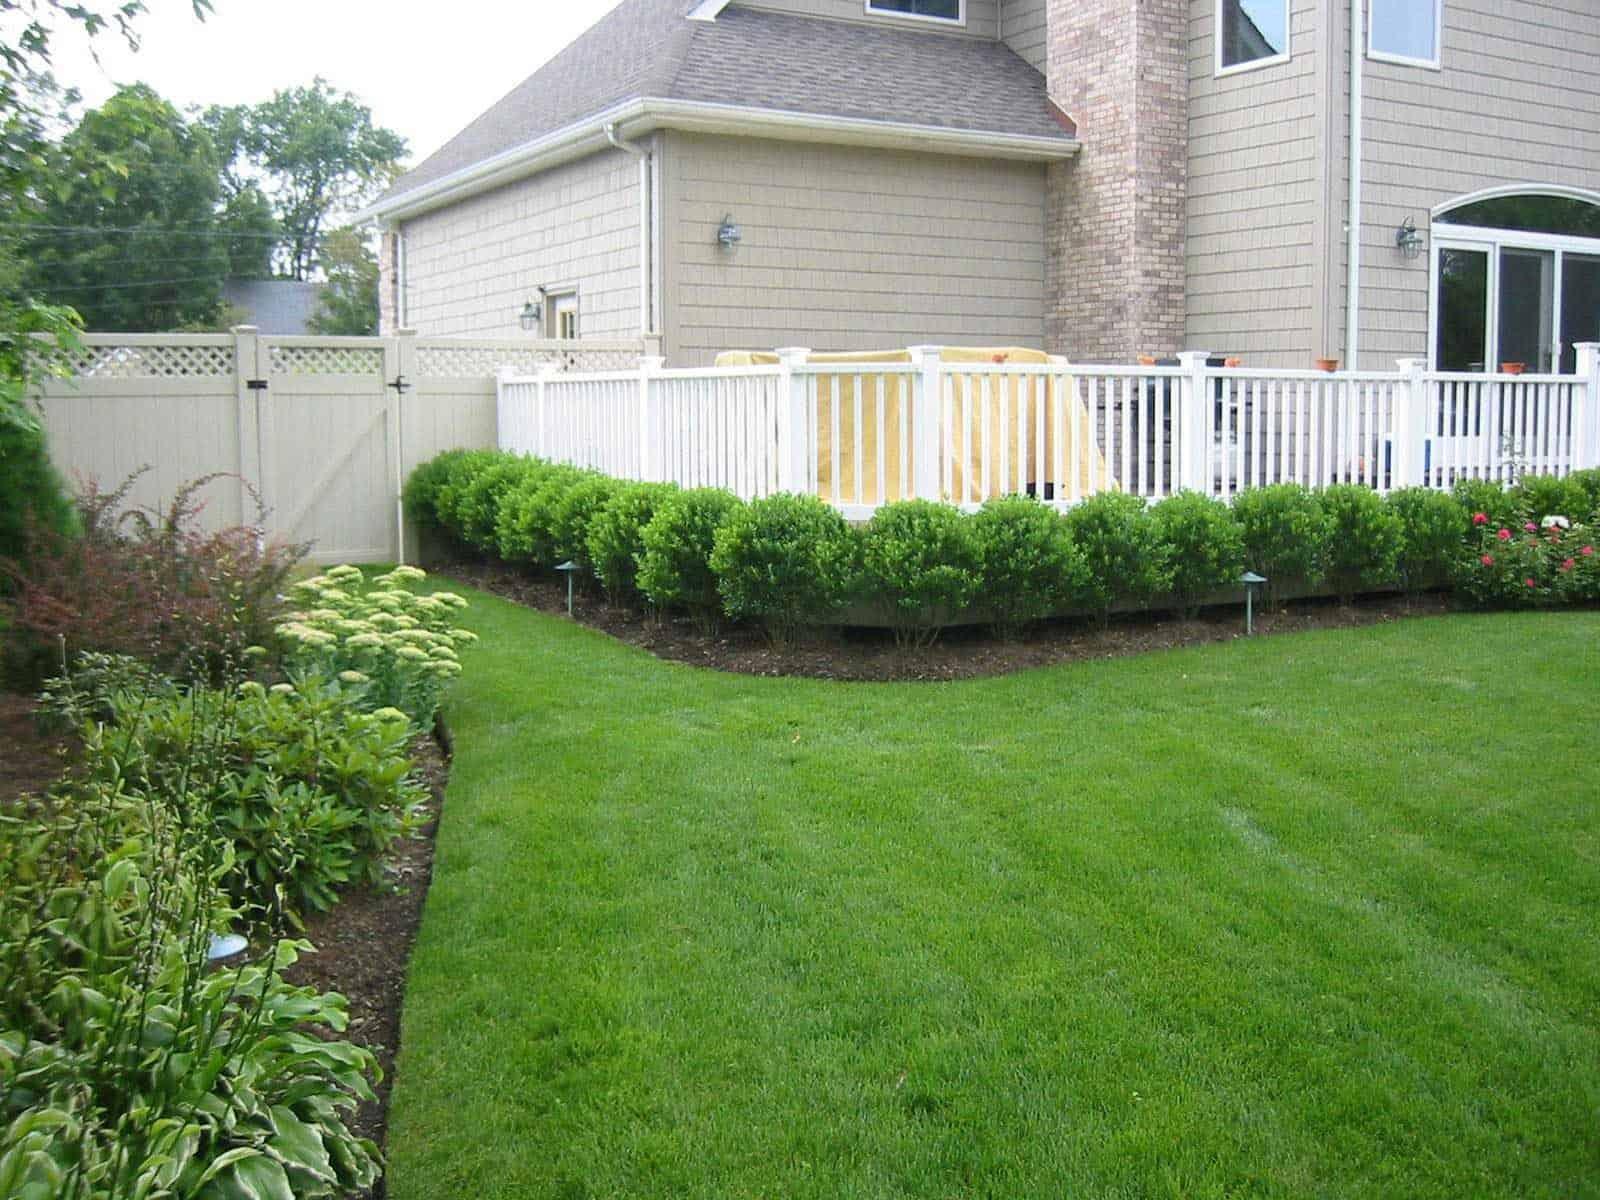 Landscape Plantings - Ilex Glabra Inkberry hedge - Babylon, Long Island NY